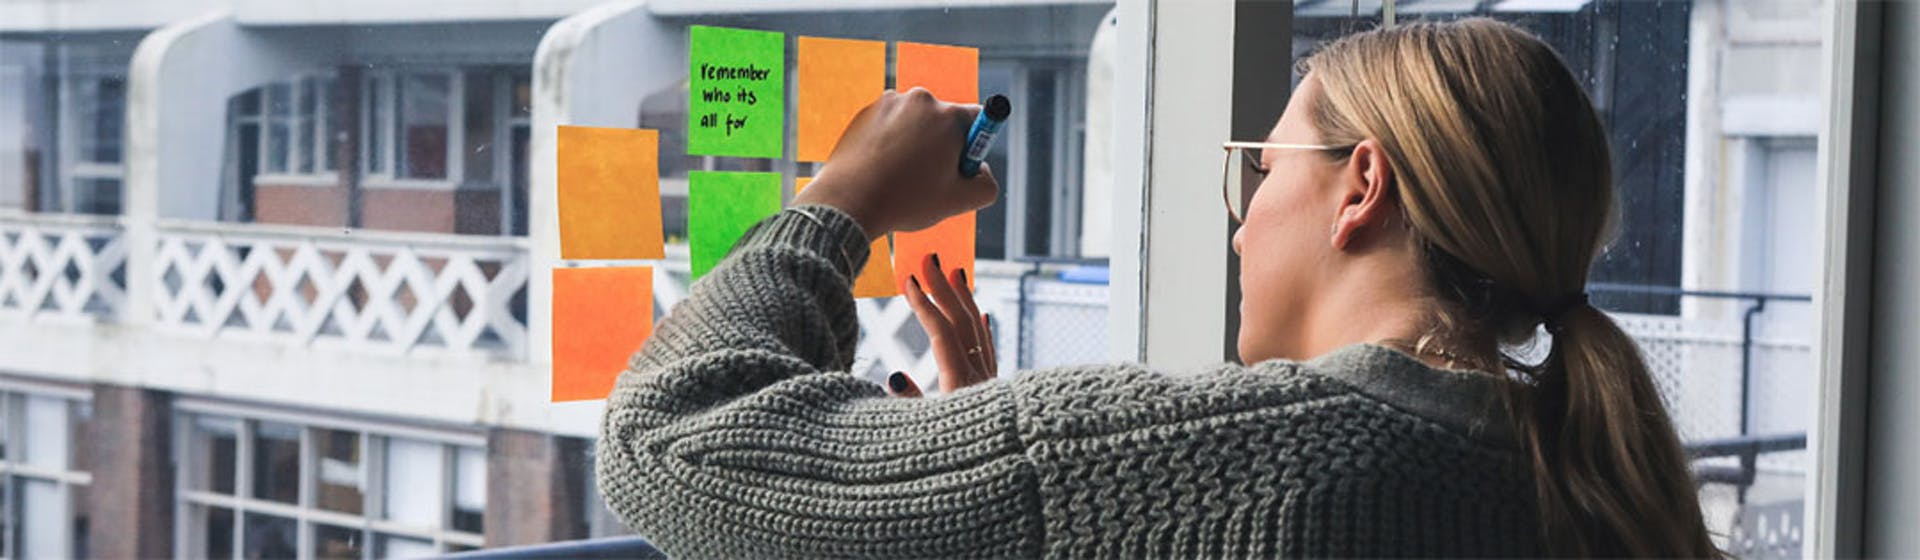 Plan de desarrollo profesional: 5 estrategias para llegar a la cima